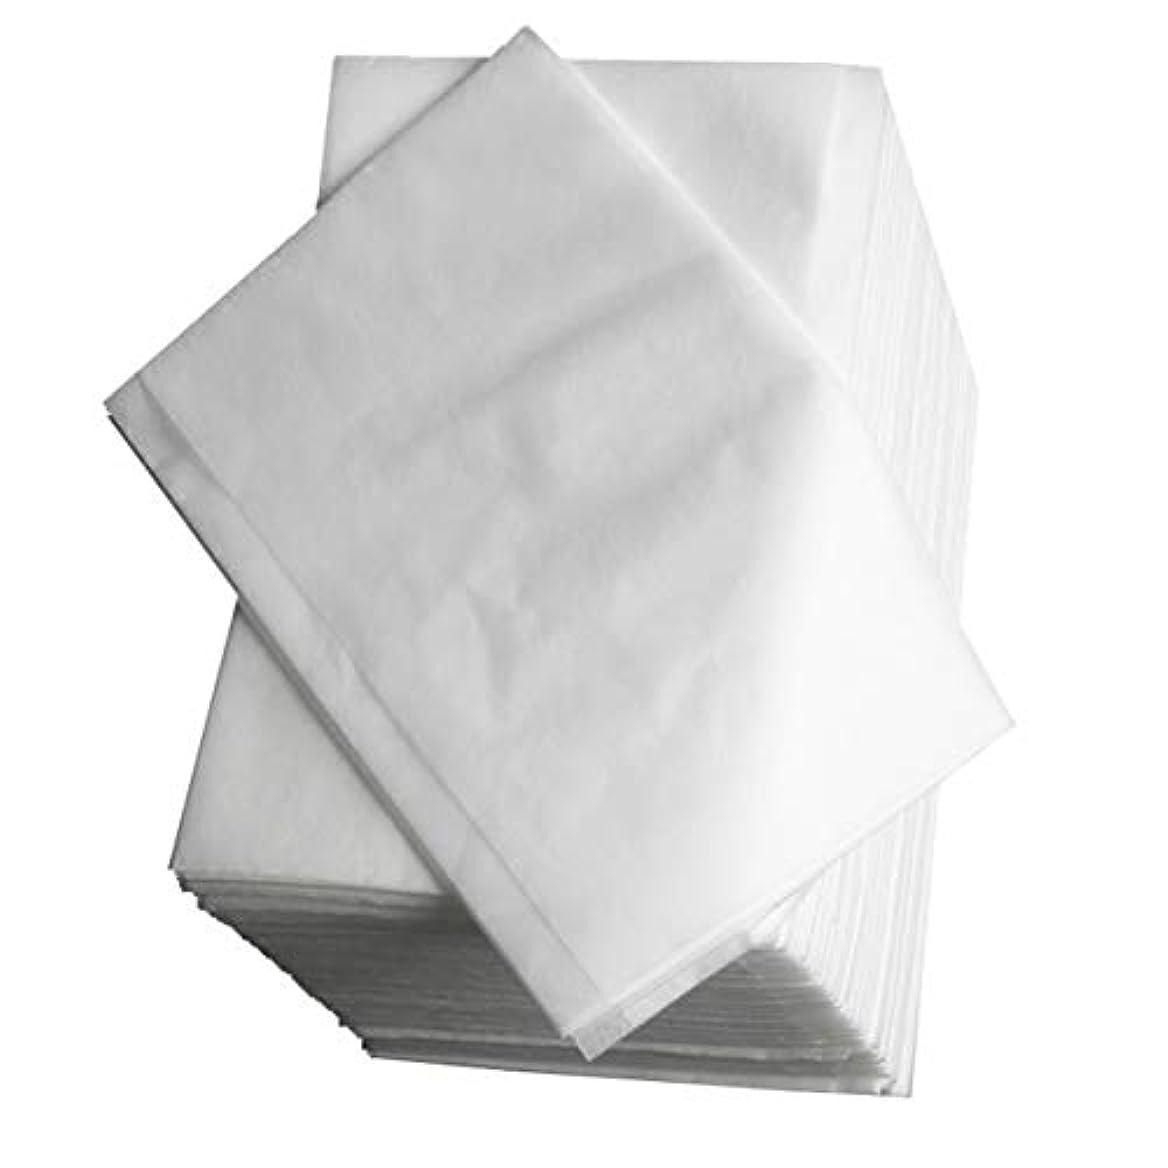 長いですカバレッジクレーターDisposable Bed Linen Beauty Salon Massage Travel Medical Non-woven Mattress Breathable Antibacterial Anti-infective